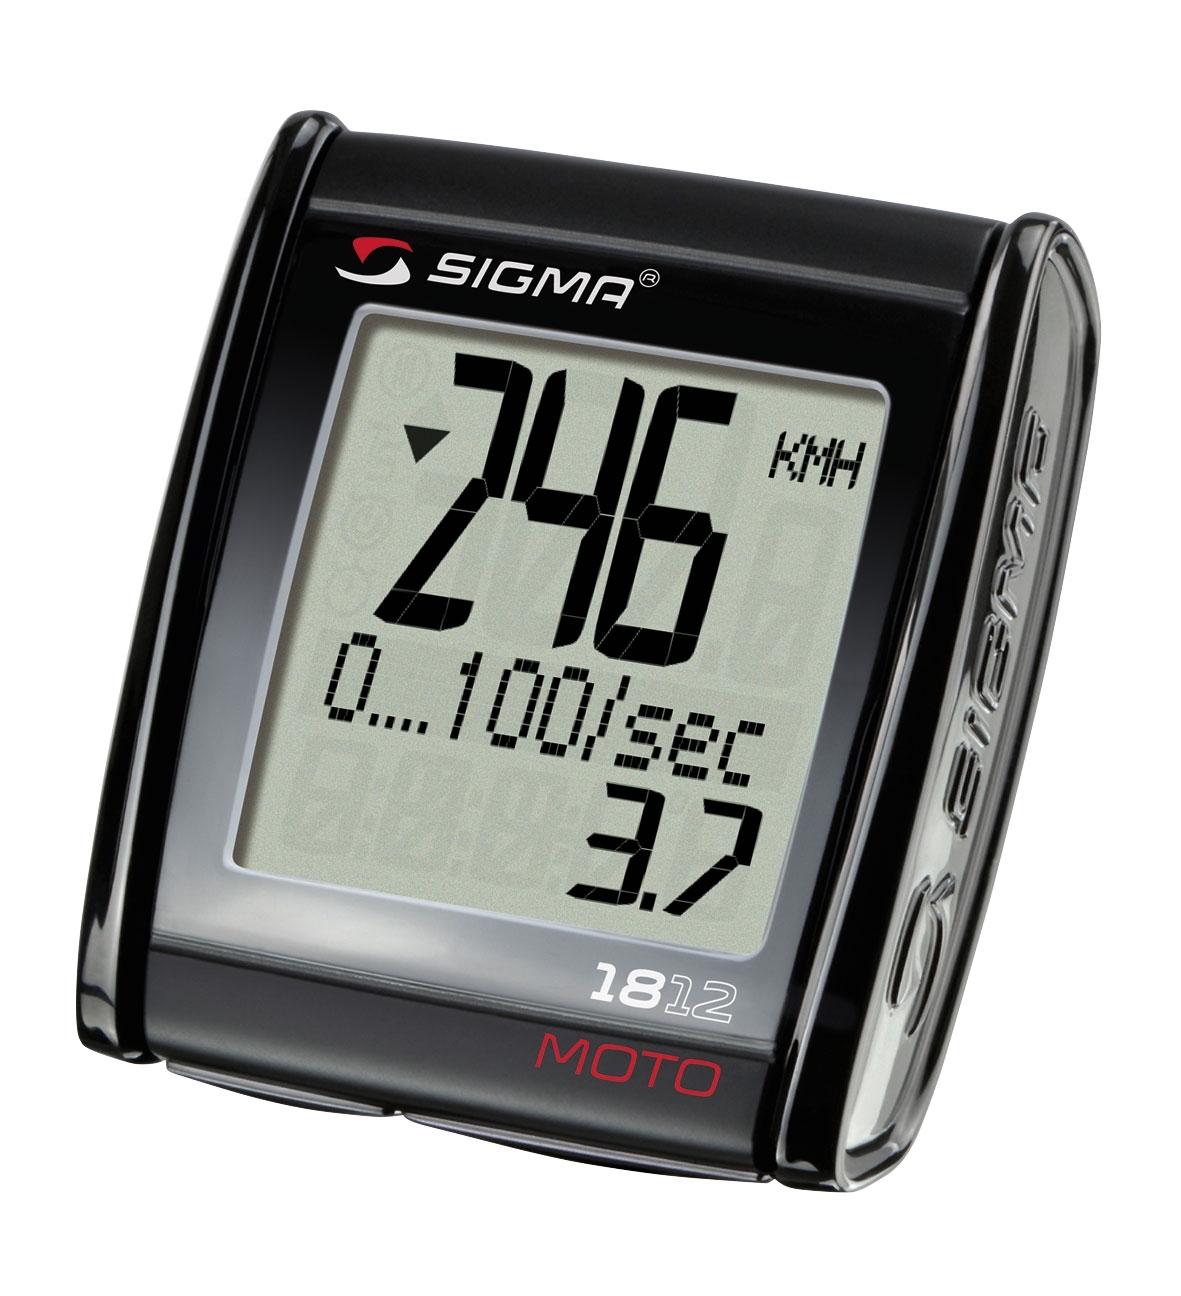 počítač SIGMA MC 18.12 maximální rychlost 399km/h